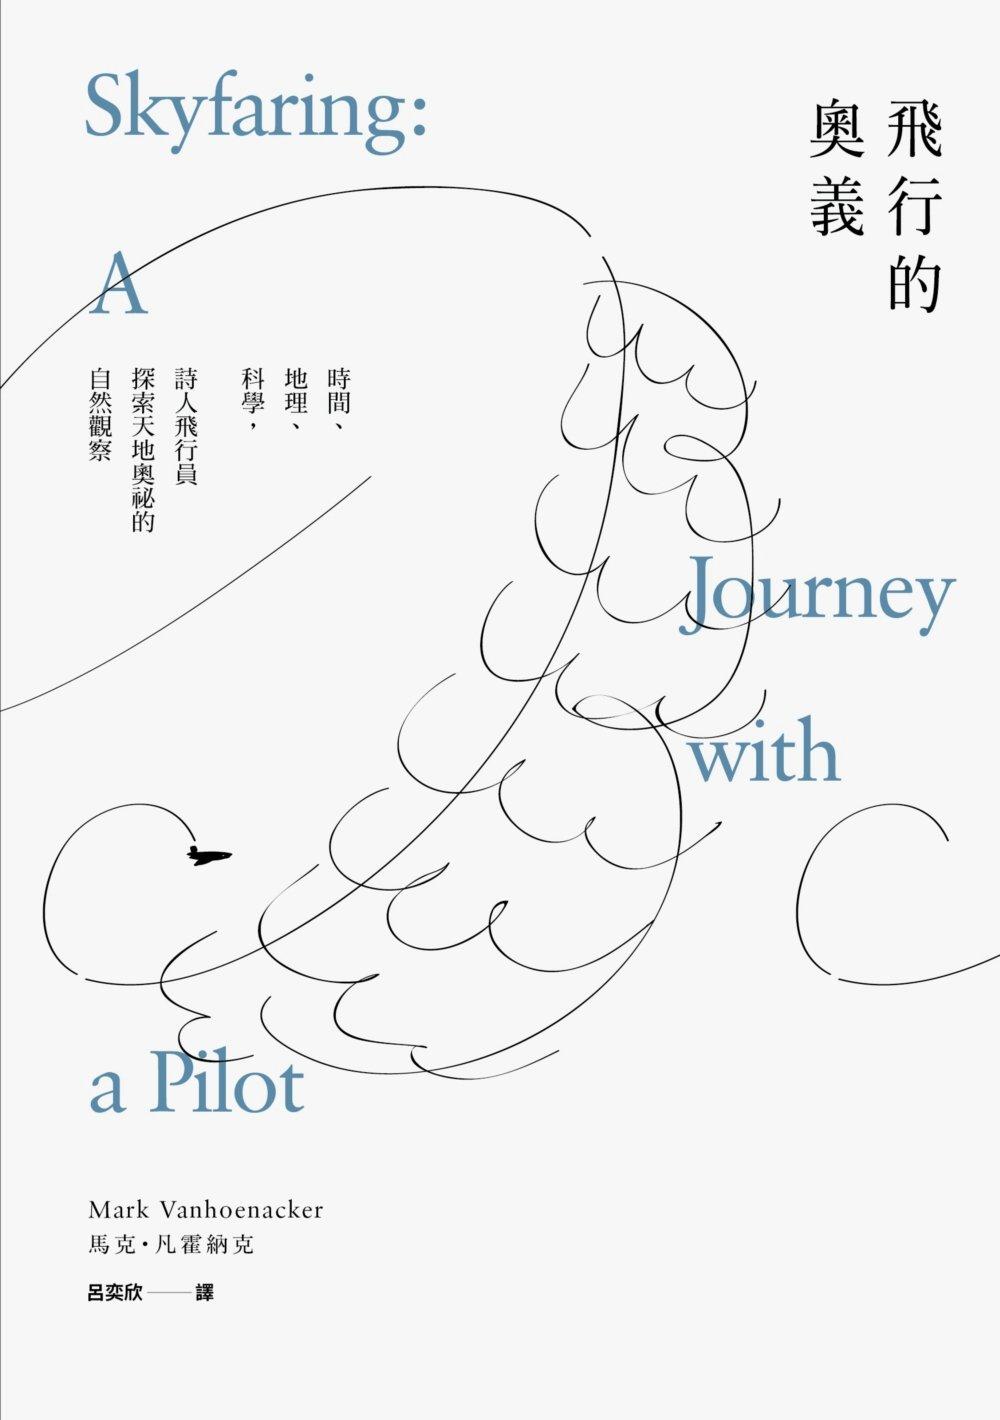 飛行的奧義:時間、地理、科學,詩人飛行員探索天地奧祕的自然觀察